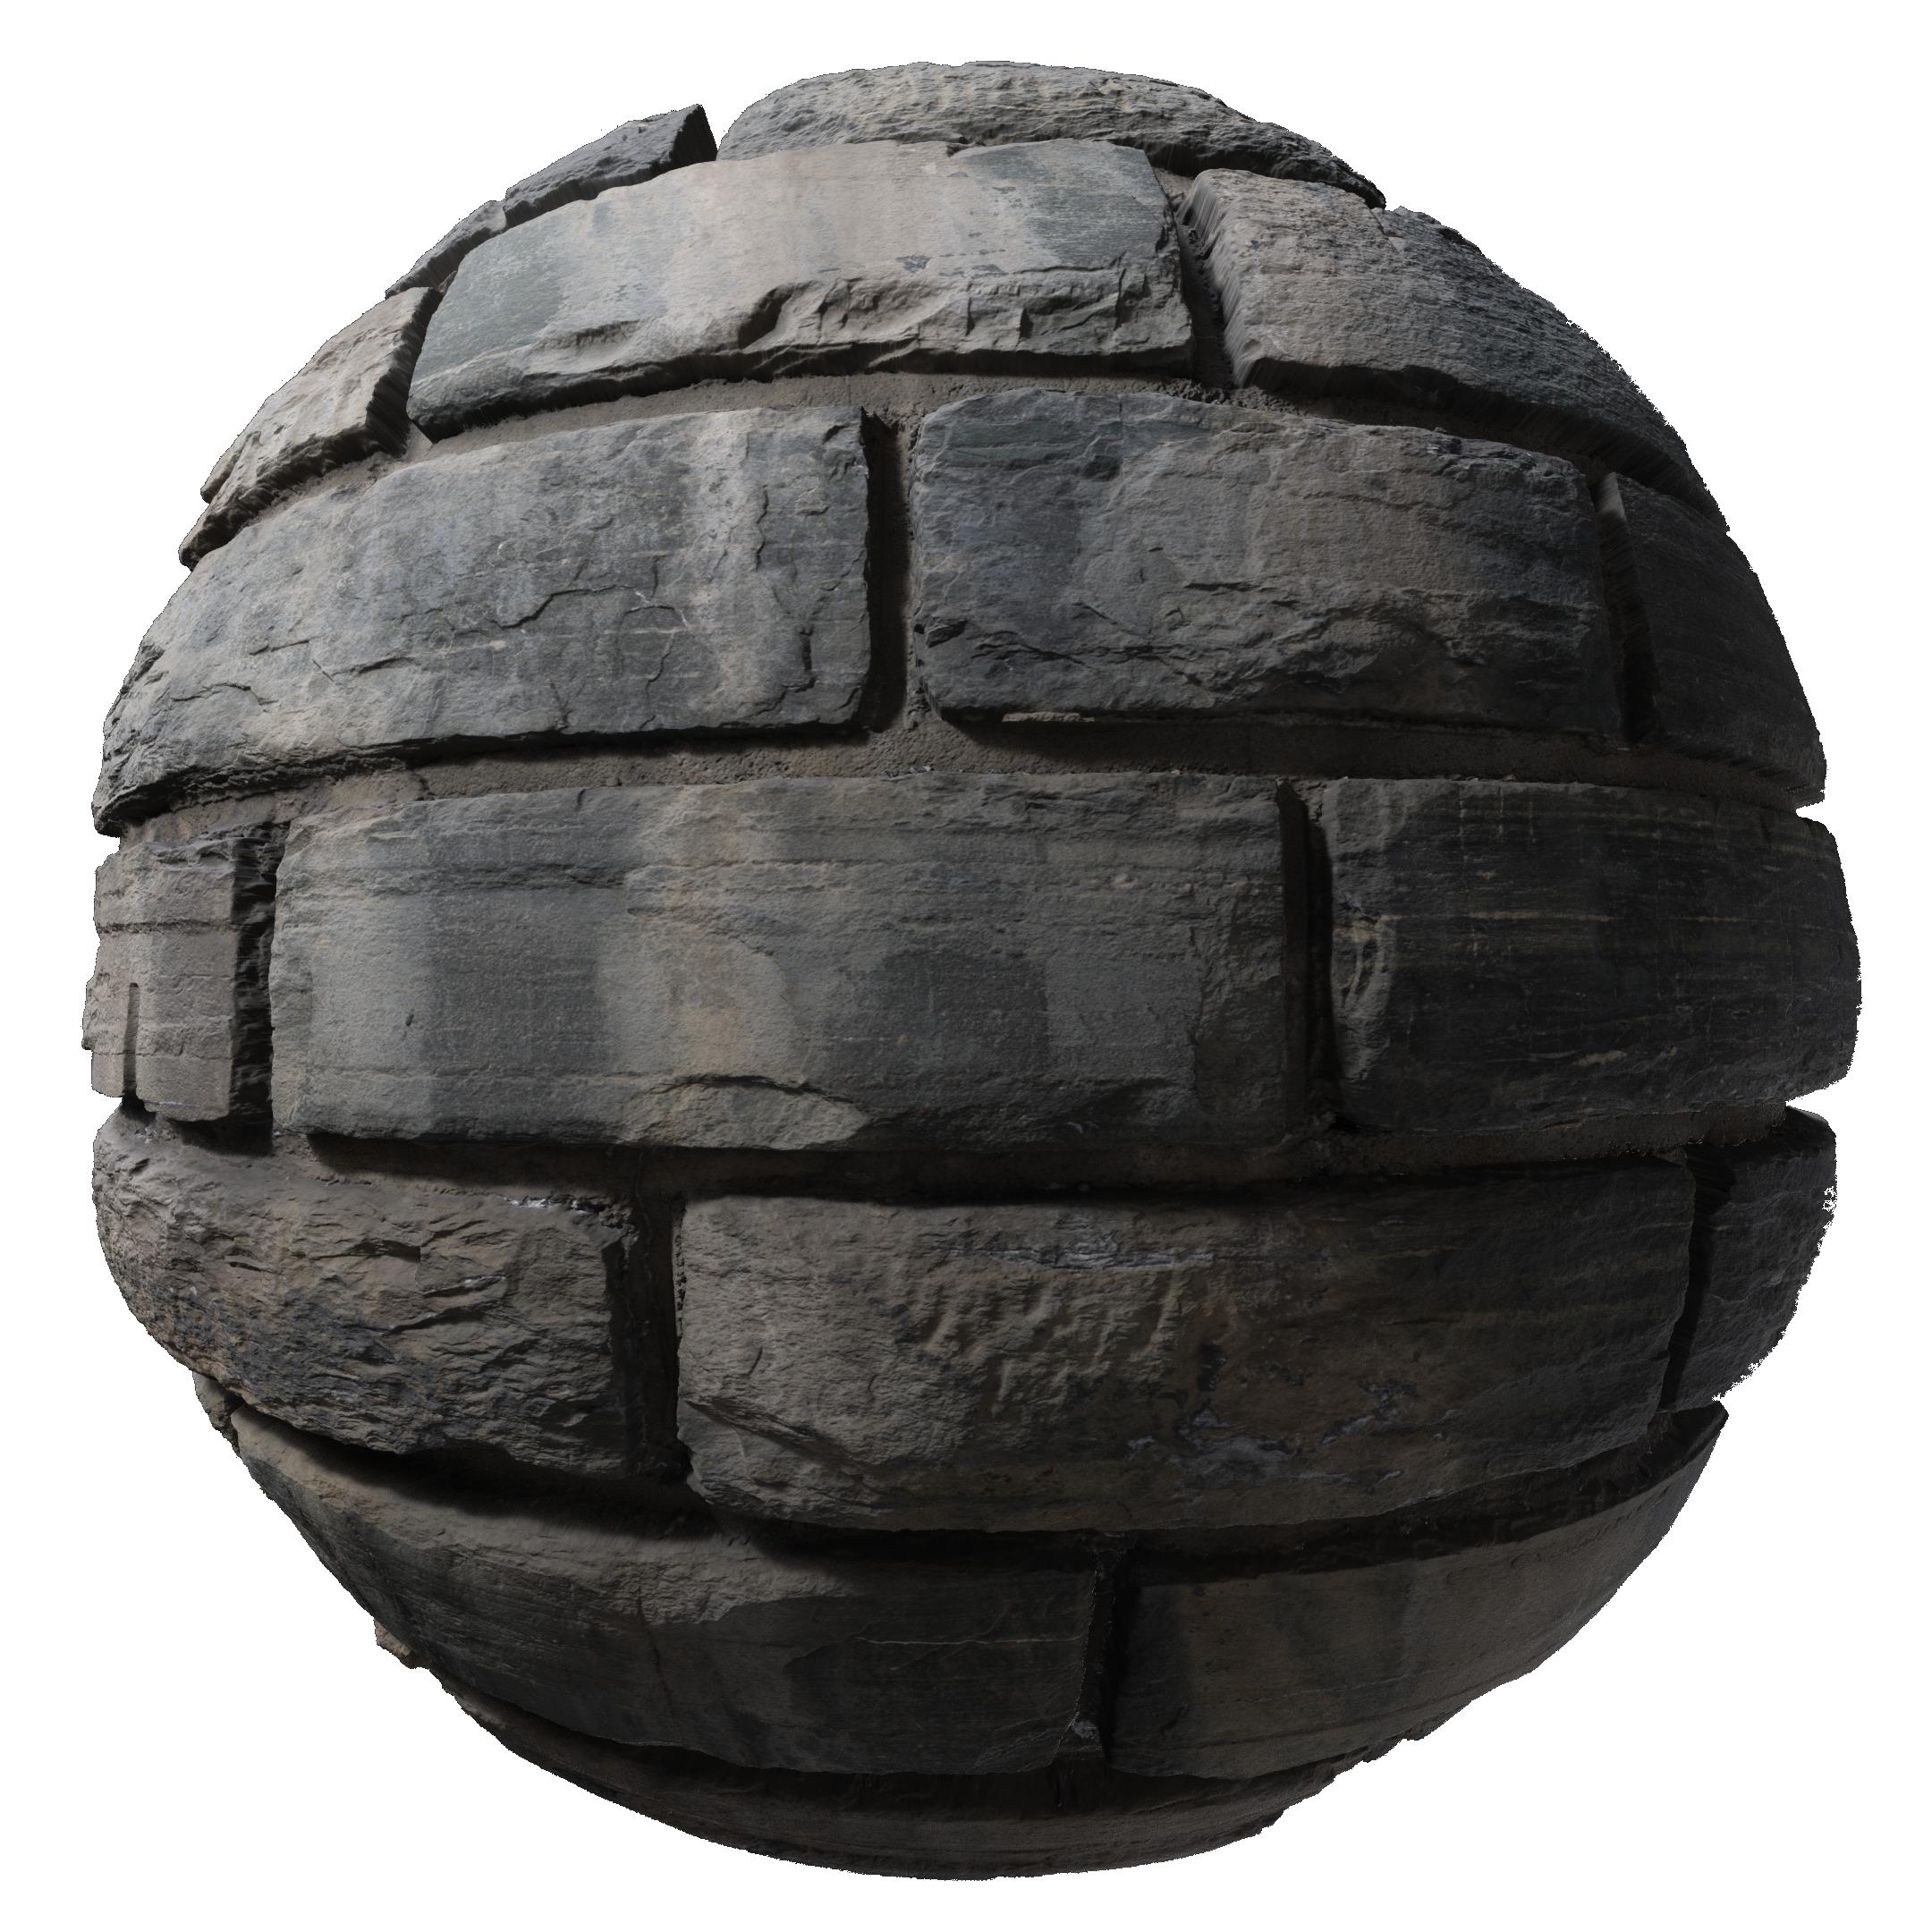 TexturesCom_Stone_Wall_5_header4 copy.png